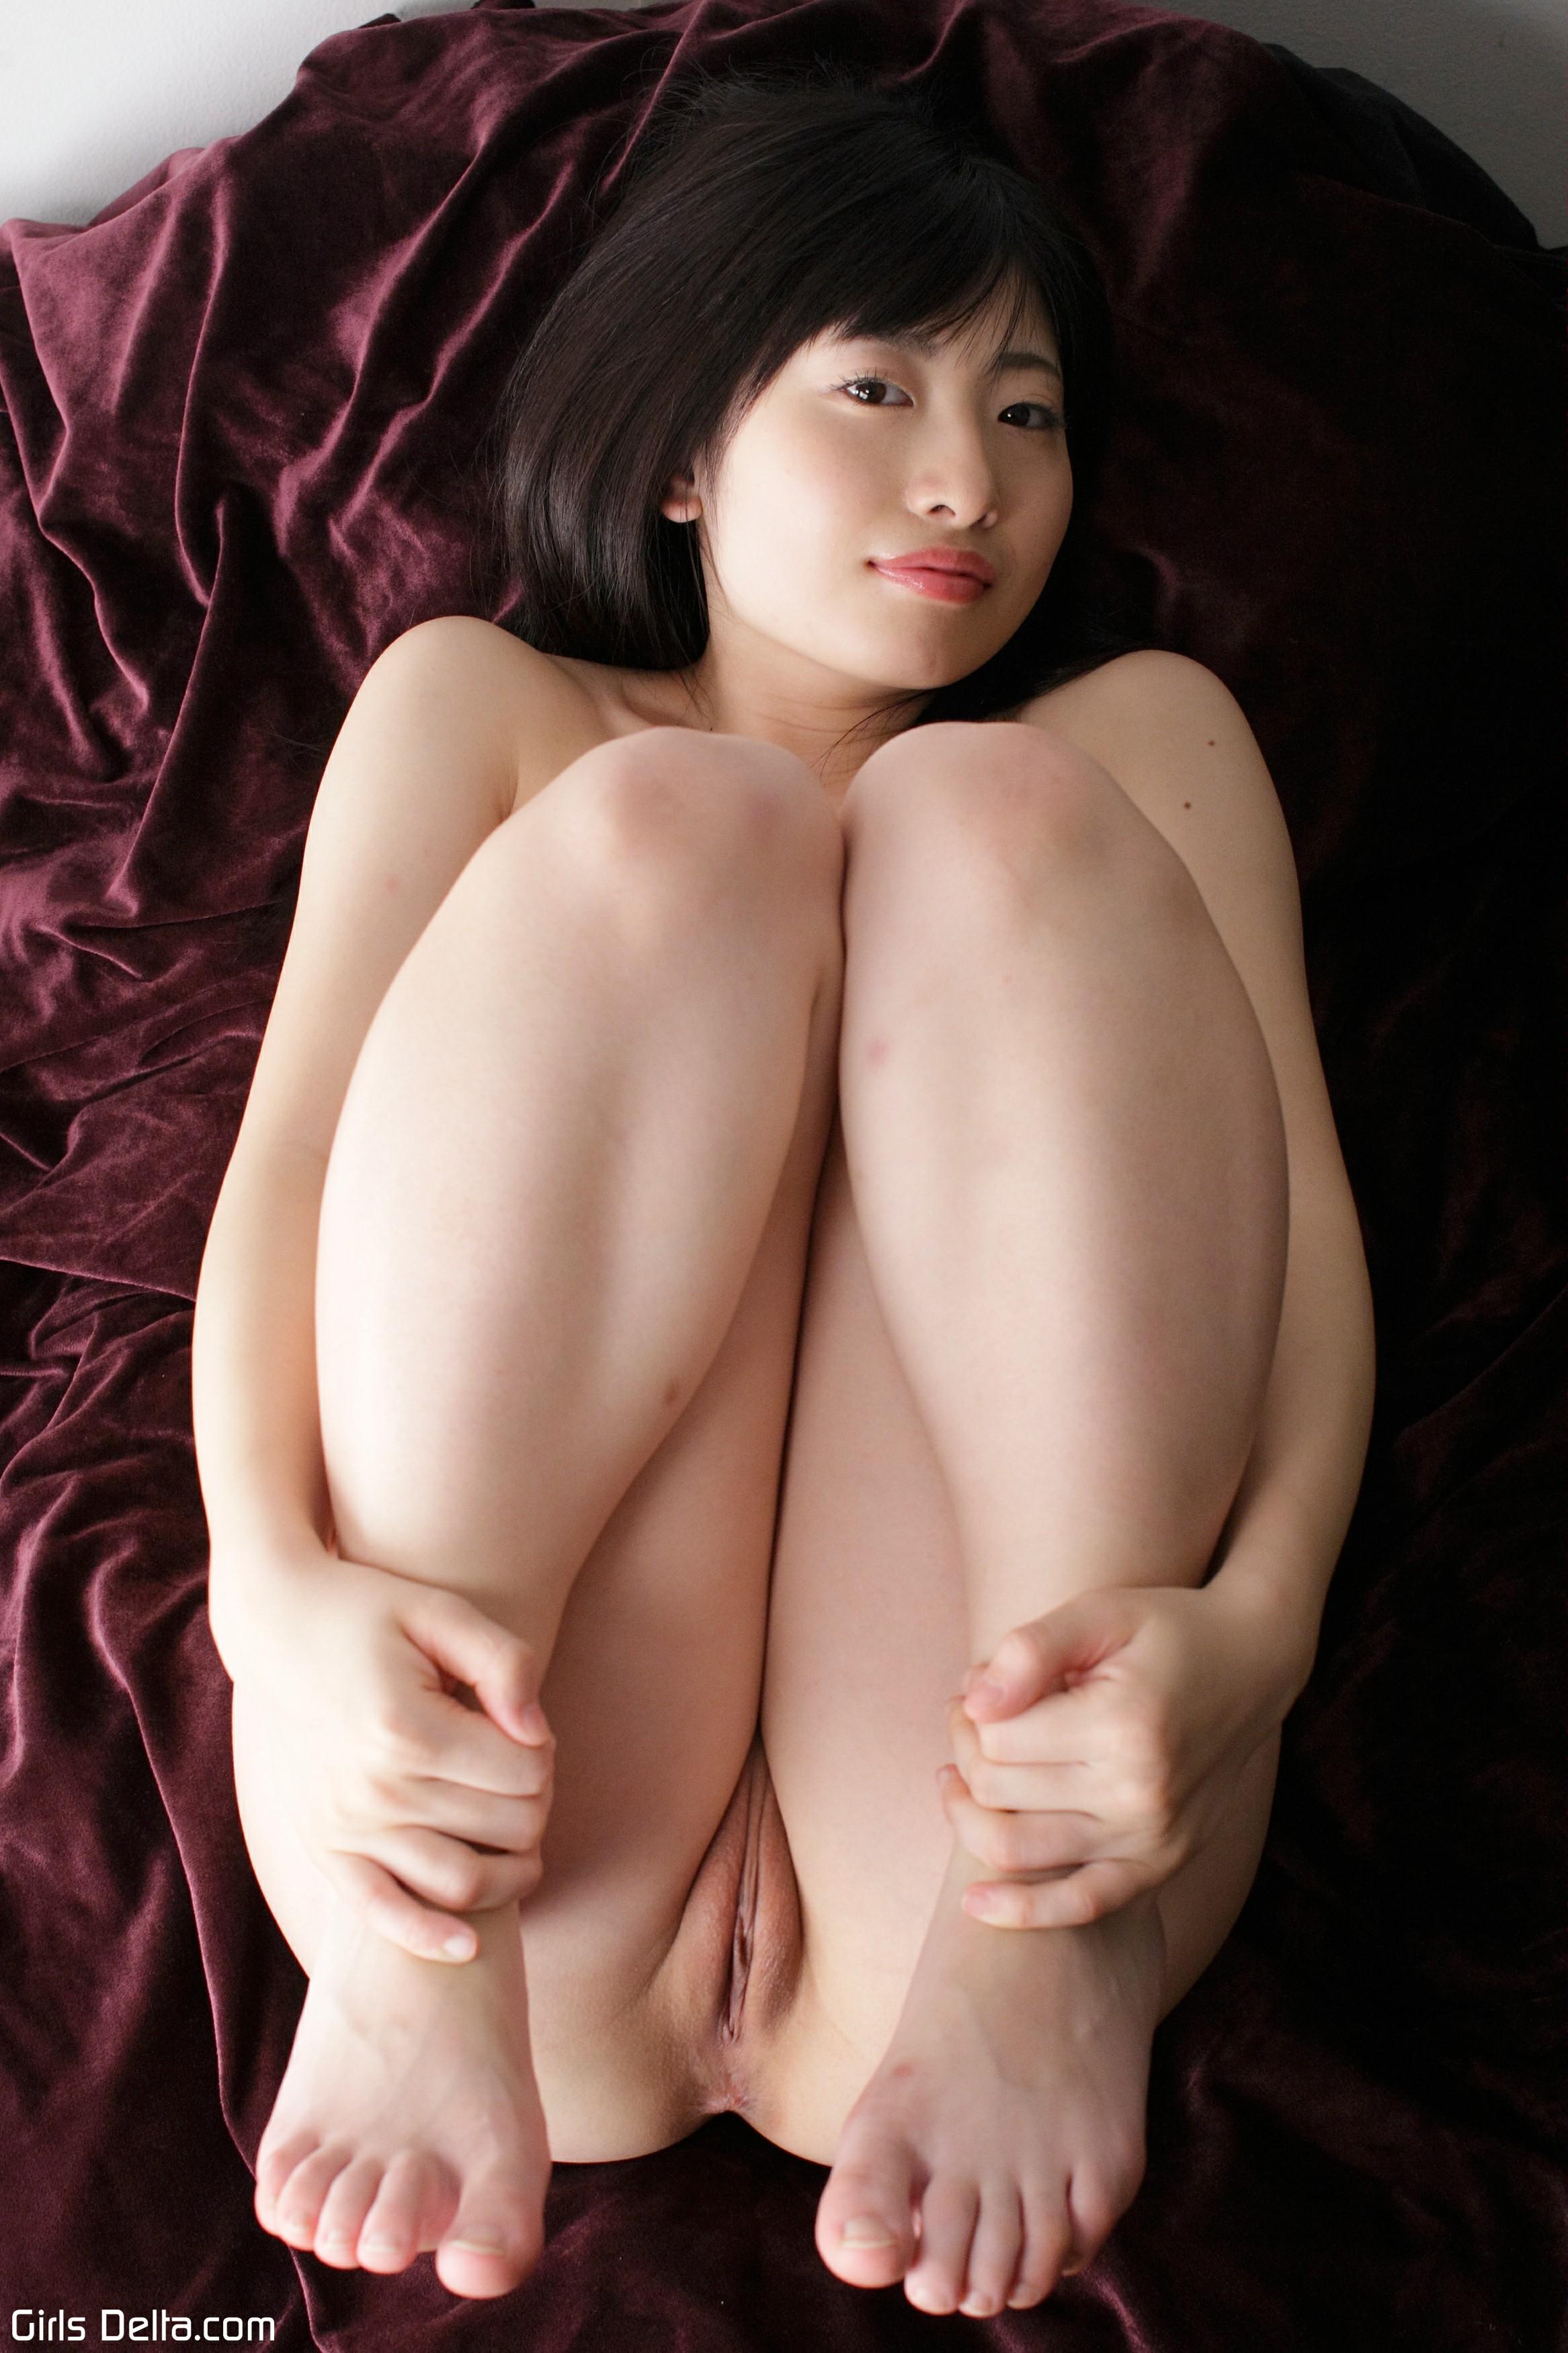 image-13 girlsdelta imagesize:2333x3500